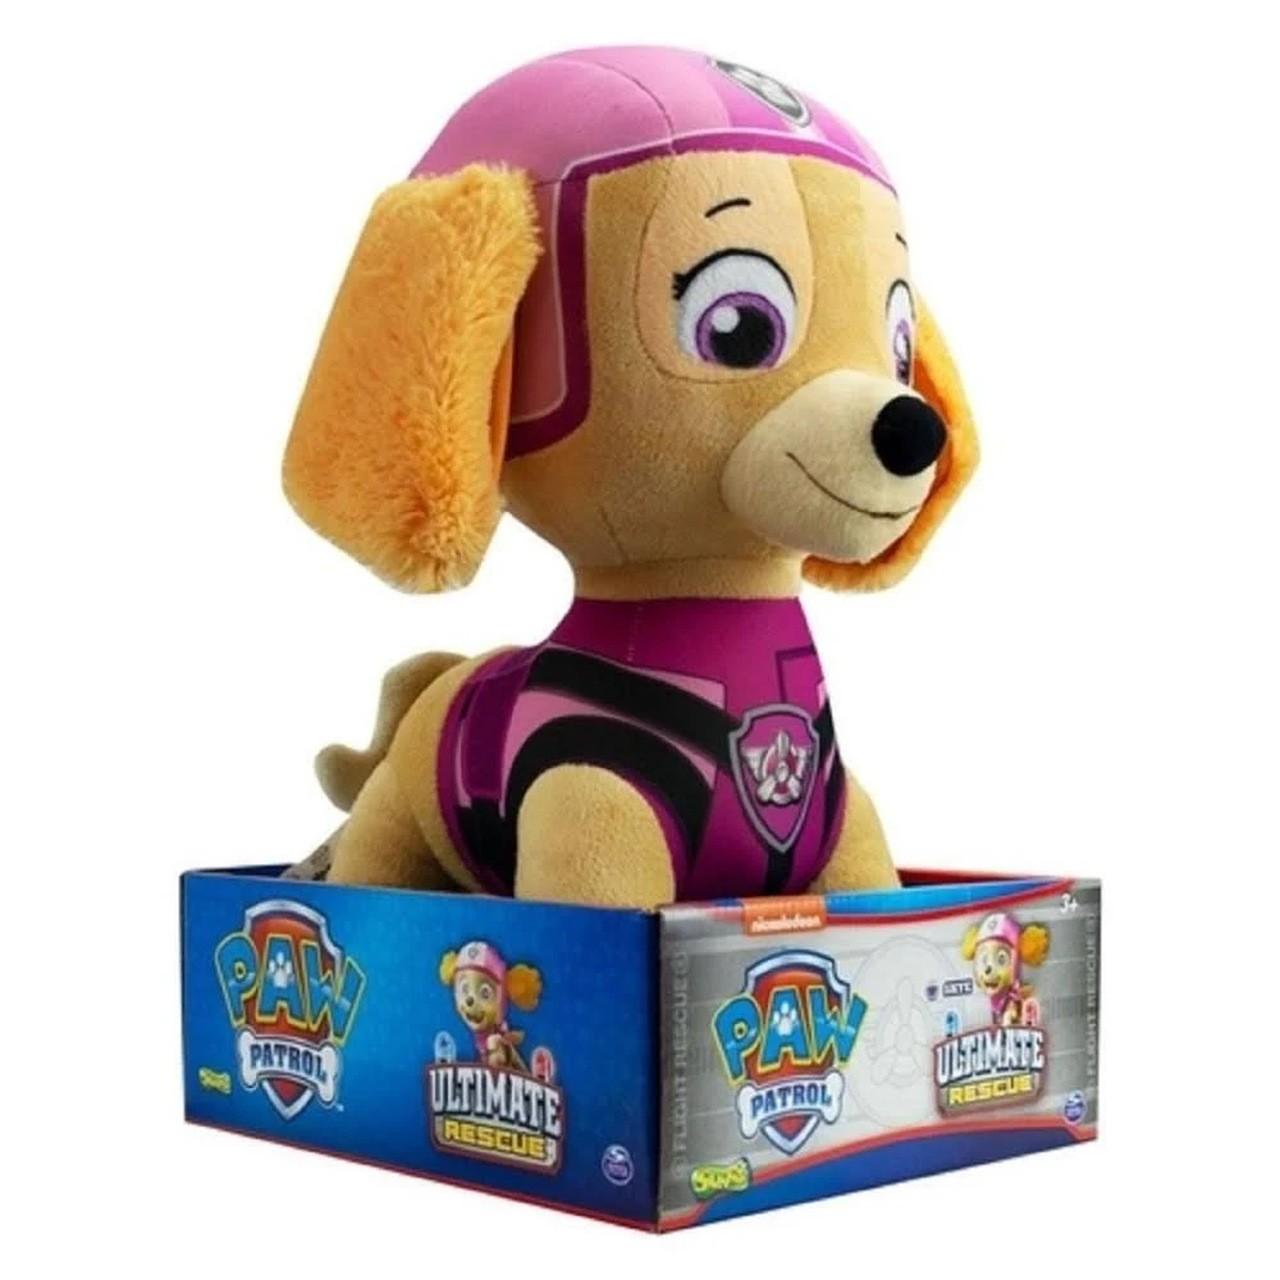 Patrulha Canina Pelúcia Resgate Extremo - Skye 37cm - Sunny